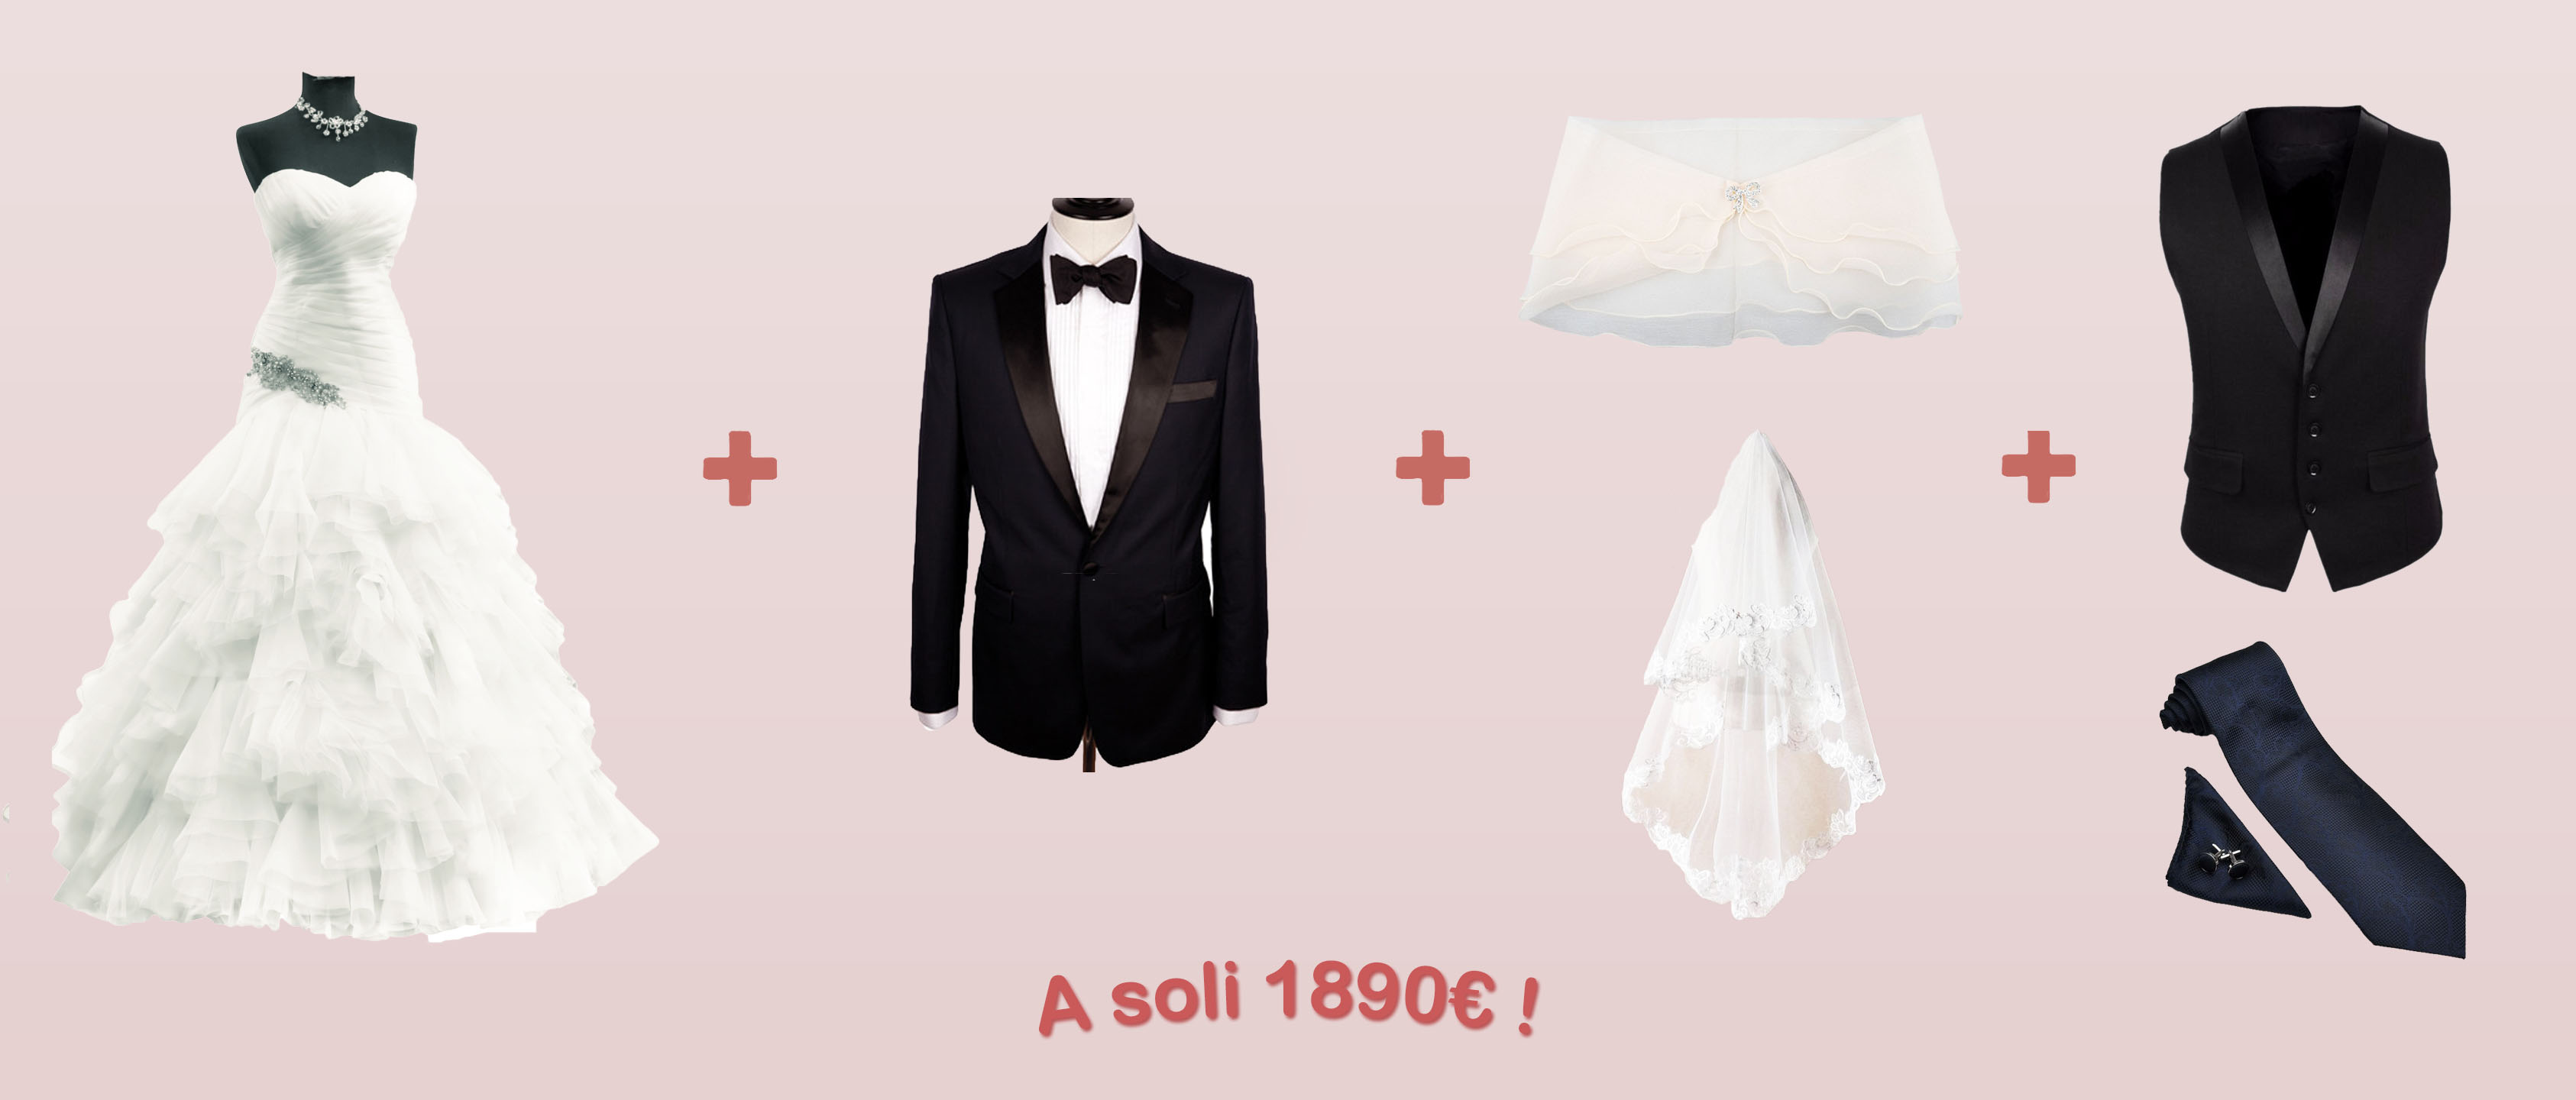 Offerta abiti da sposa, sposo e cerimonia donna